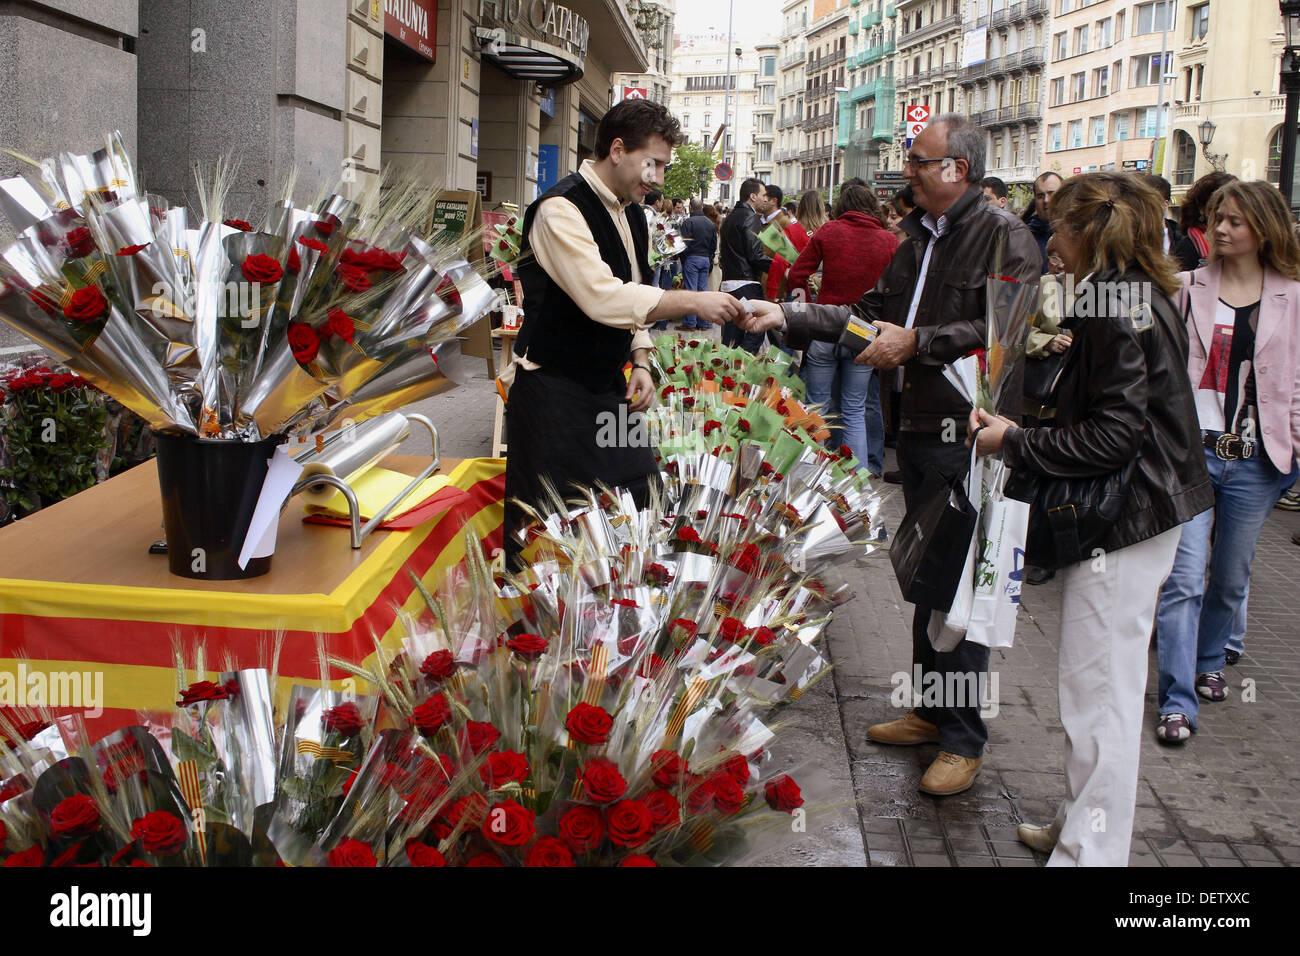 Sant jordi festival barcelona spain stock photo royalty for Piscinas sant jordi barcelona